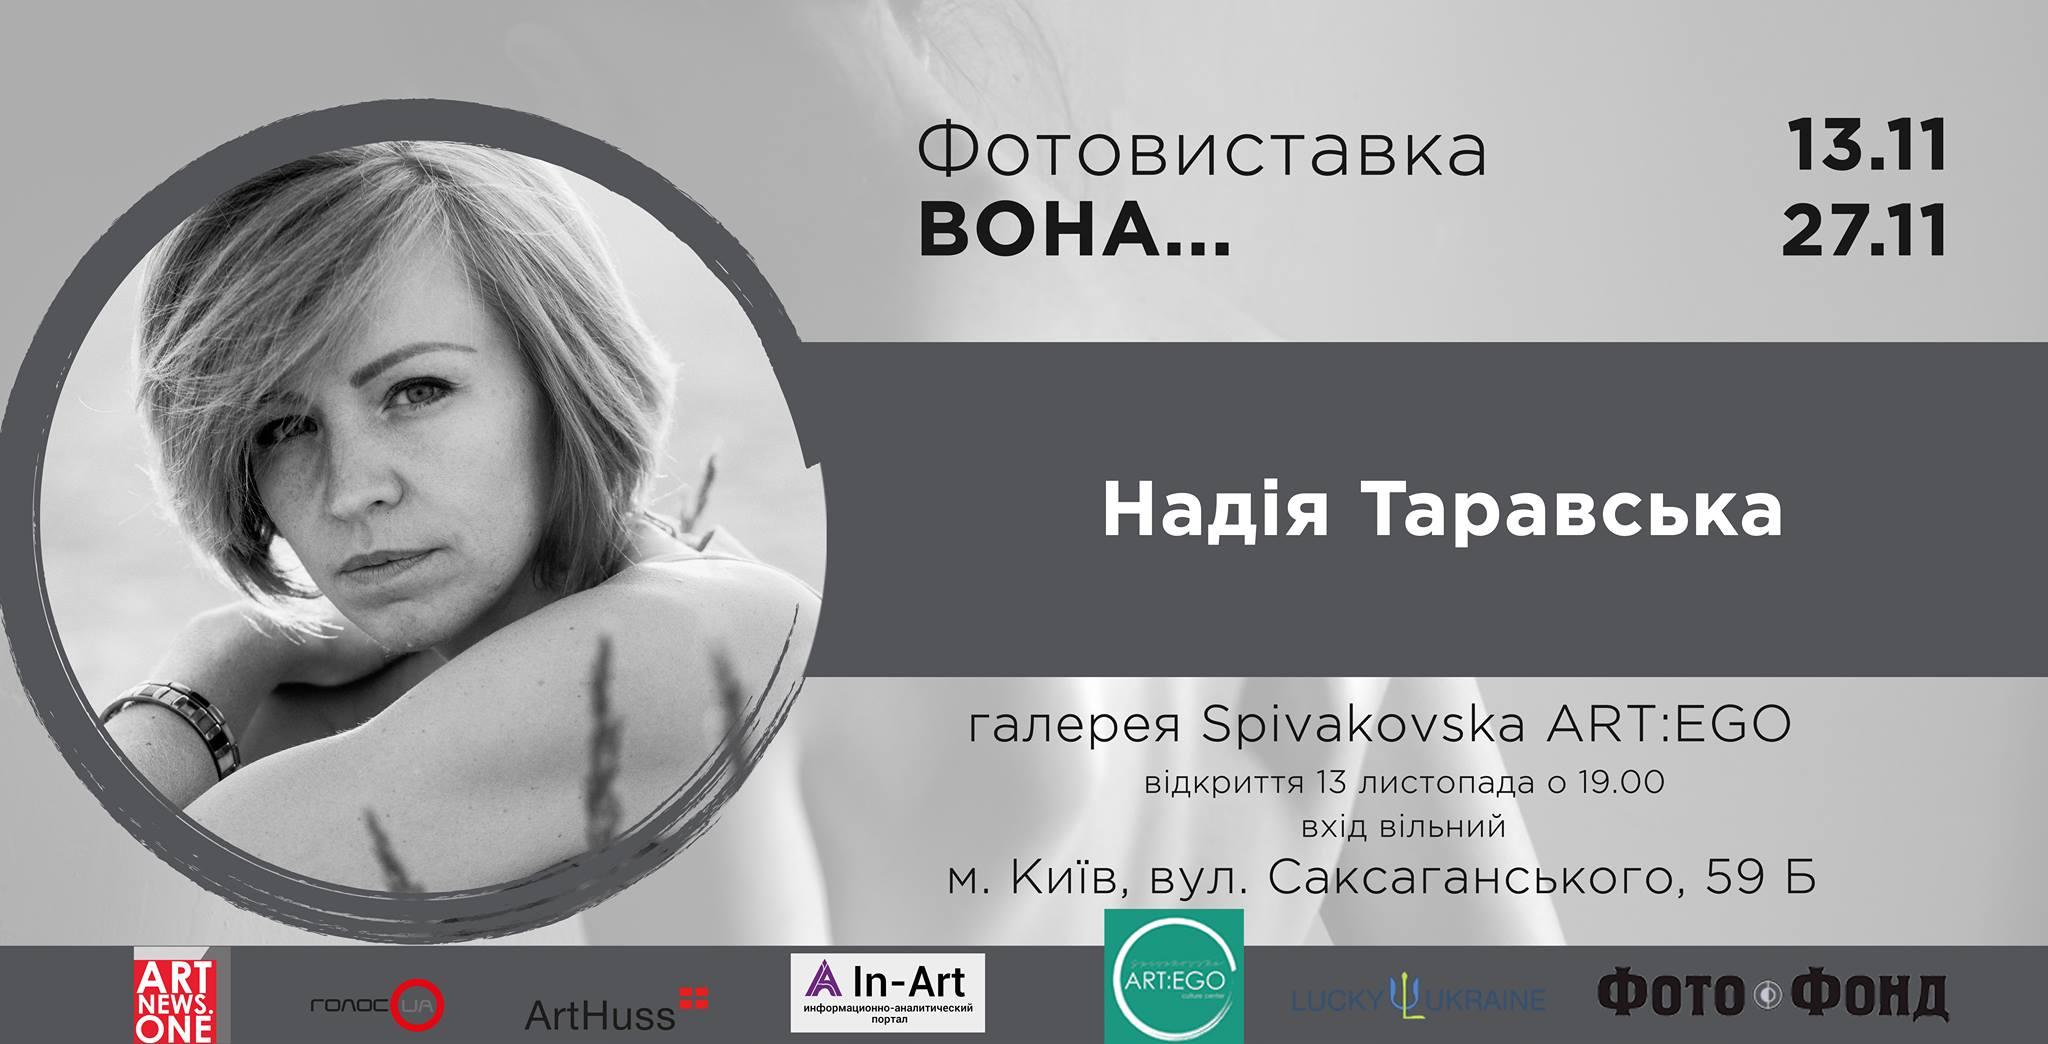 """Таравская Надежда """"Она"""" в Spivakovska ART:EGO culture center"""